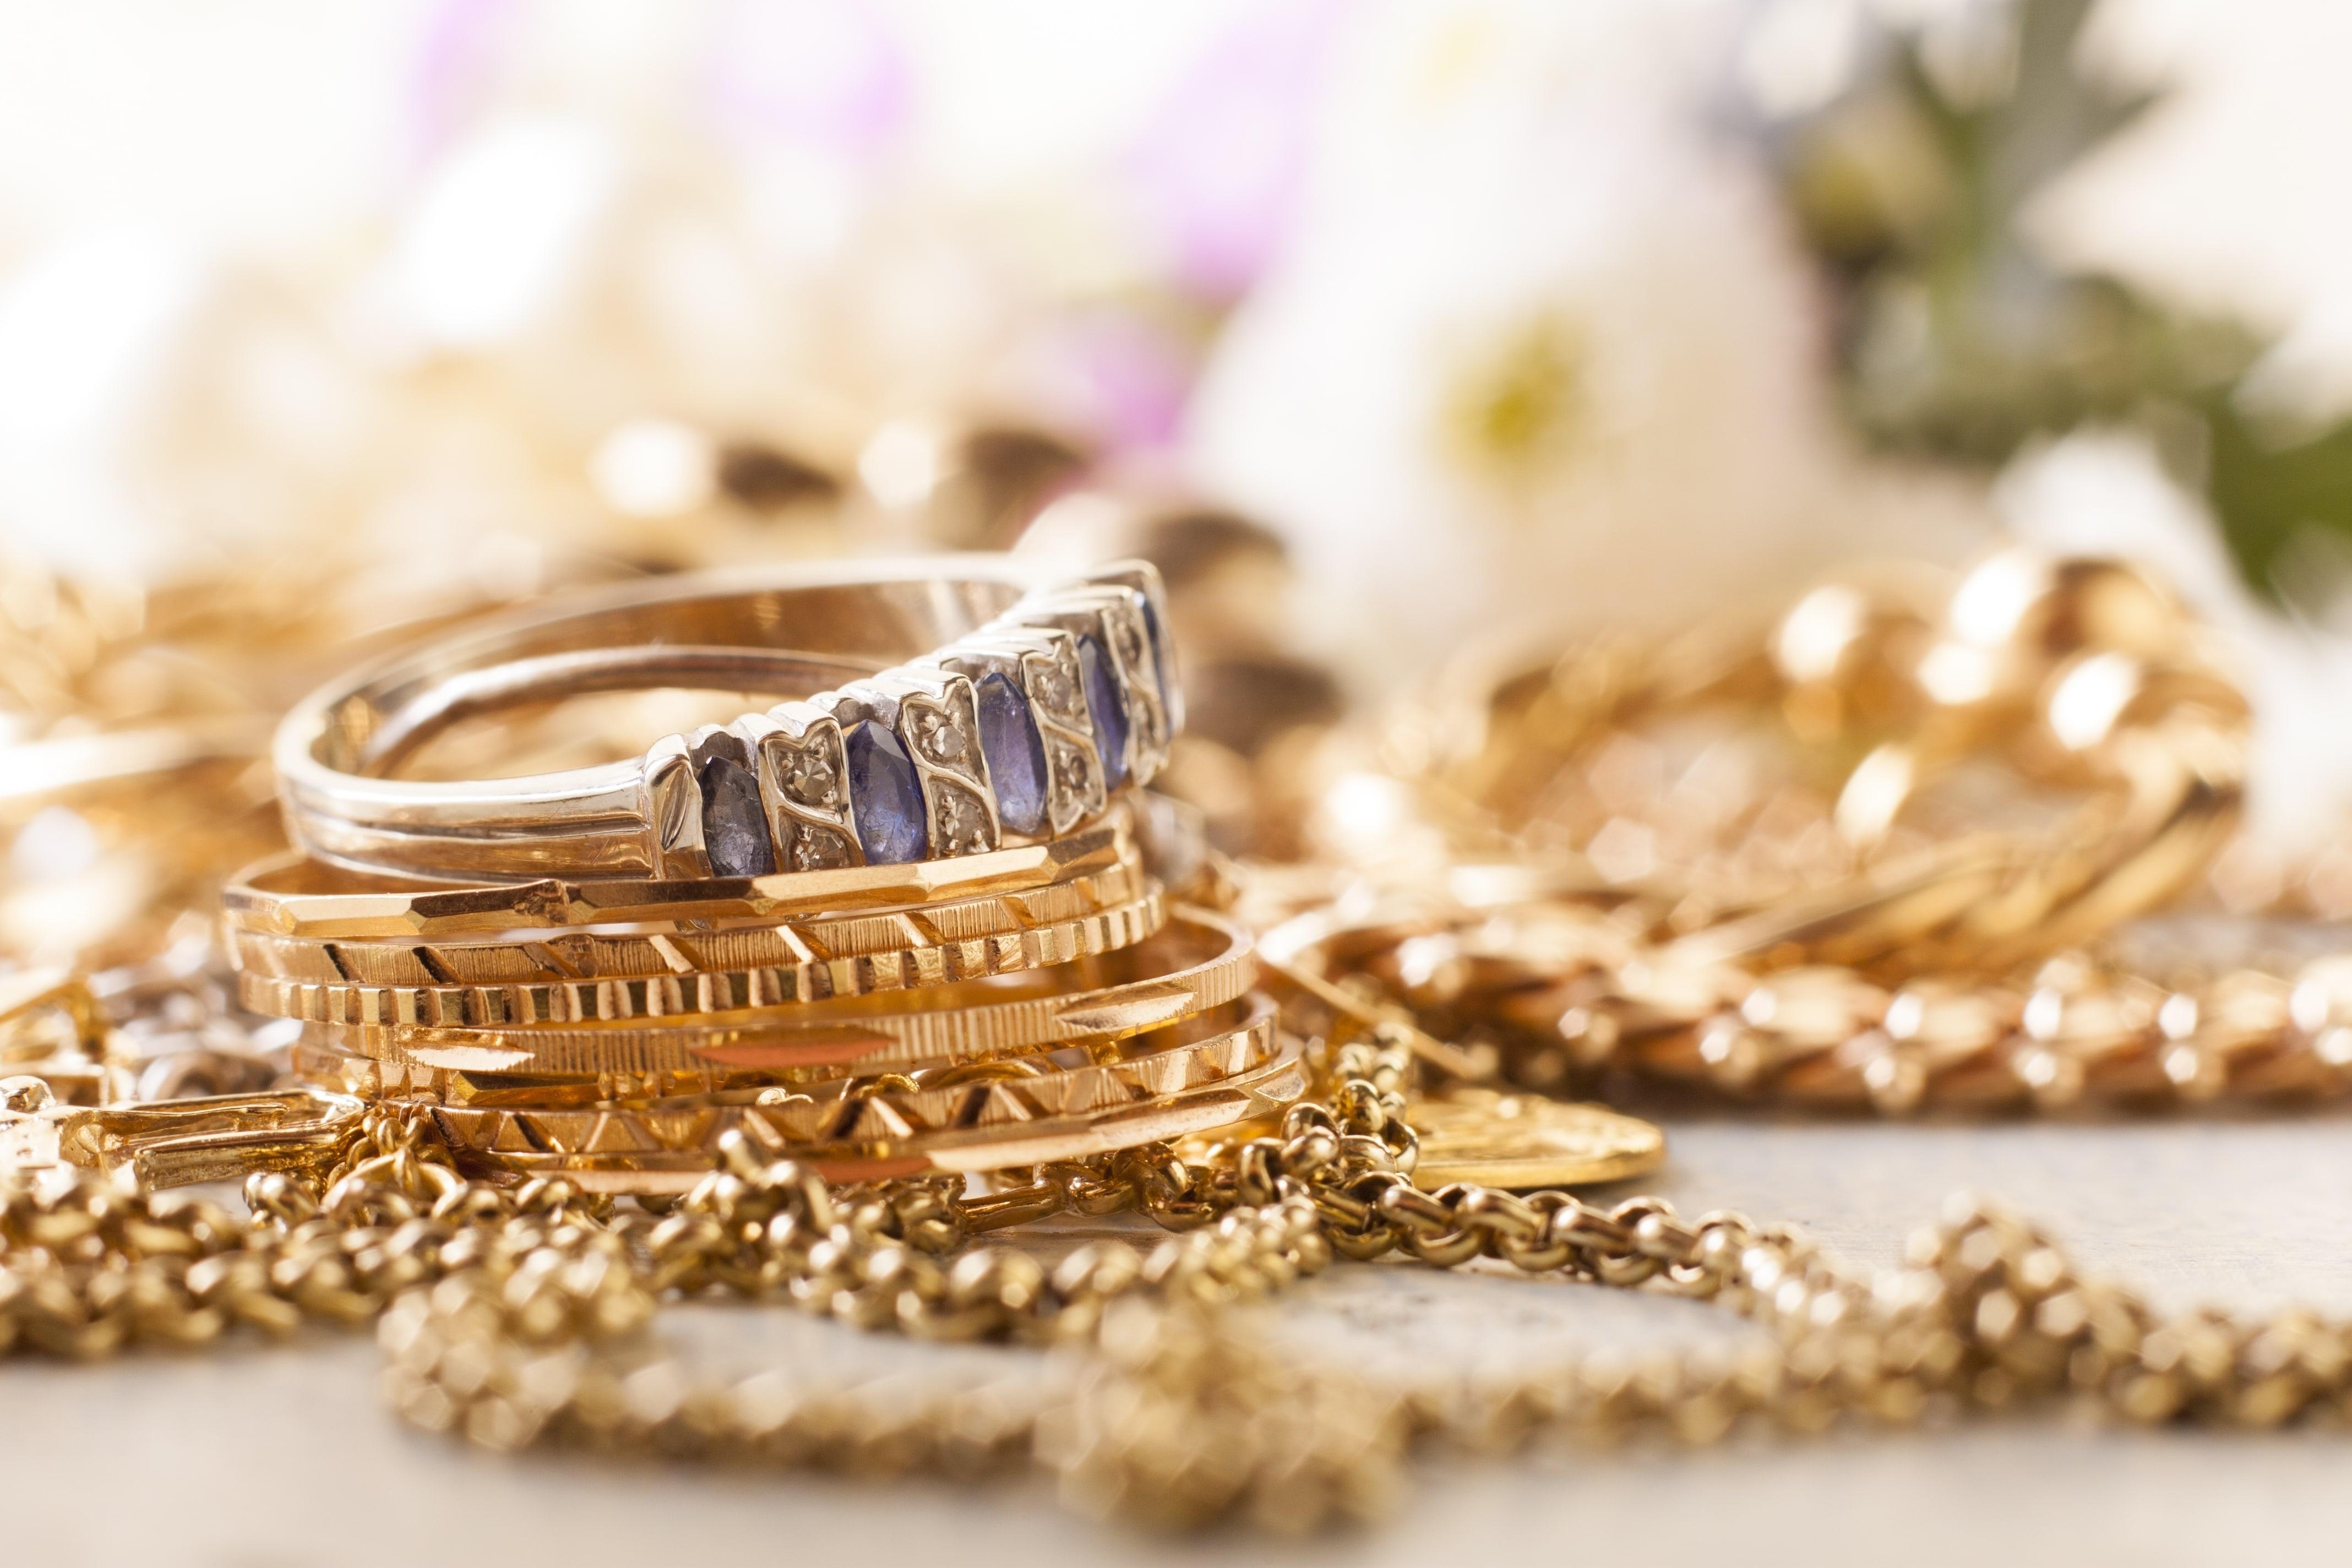 لتنظيف المشغولات الذهبية والأحجار الكريمة (1)